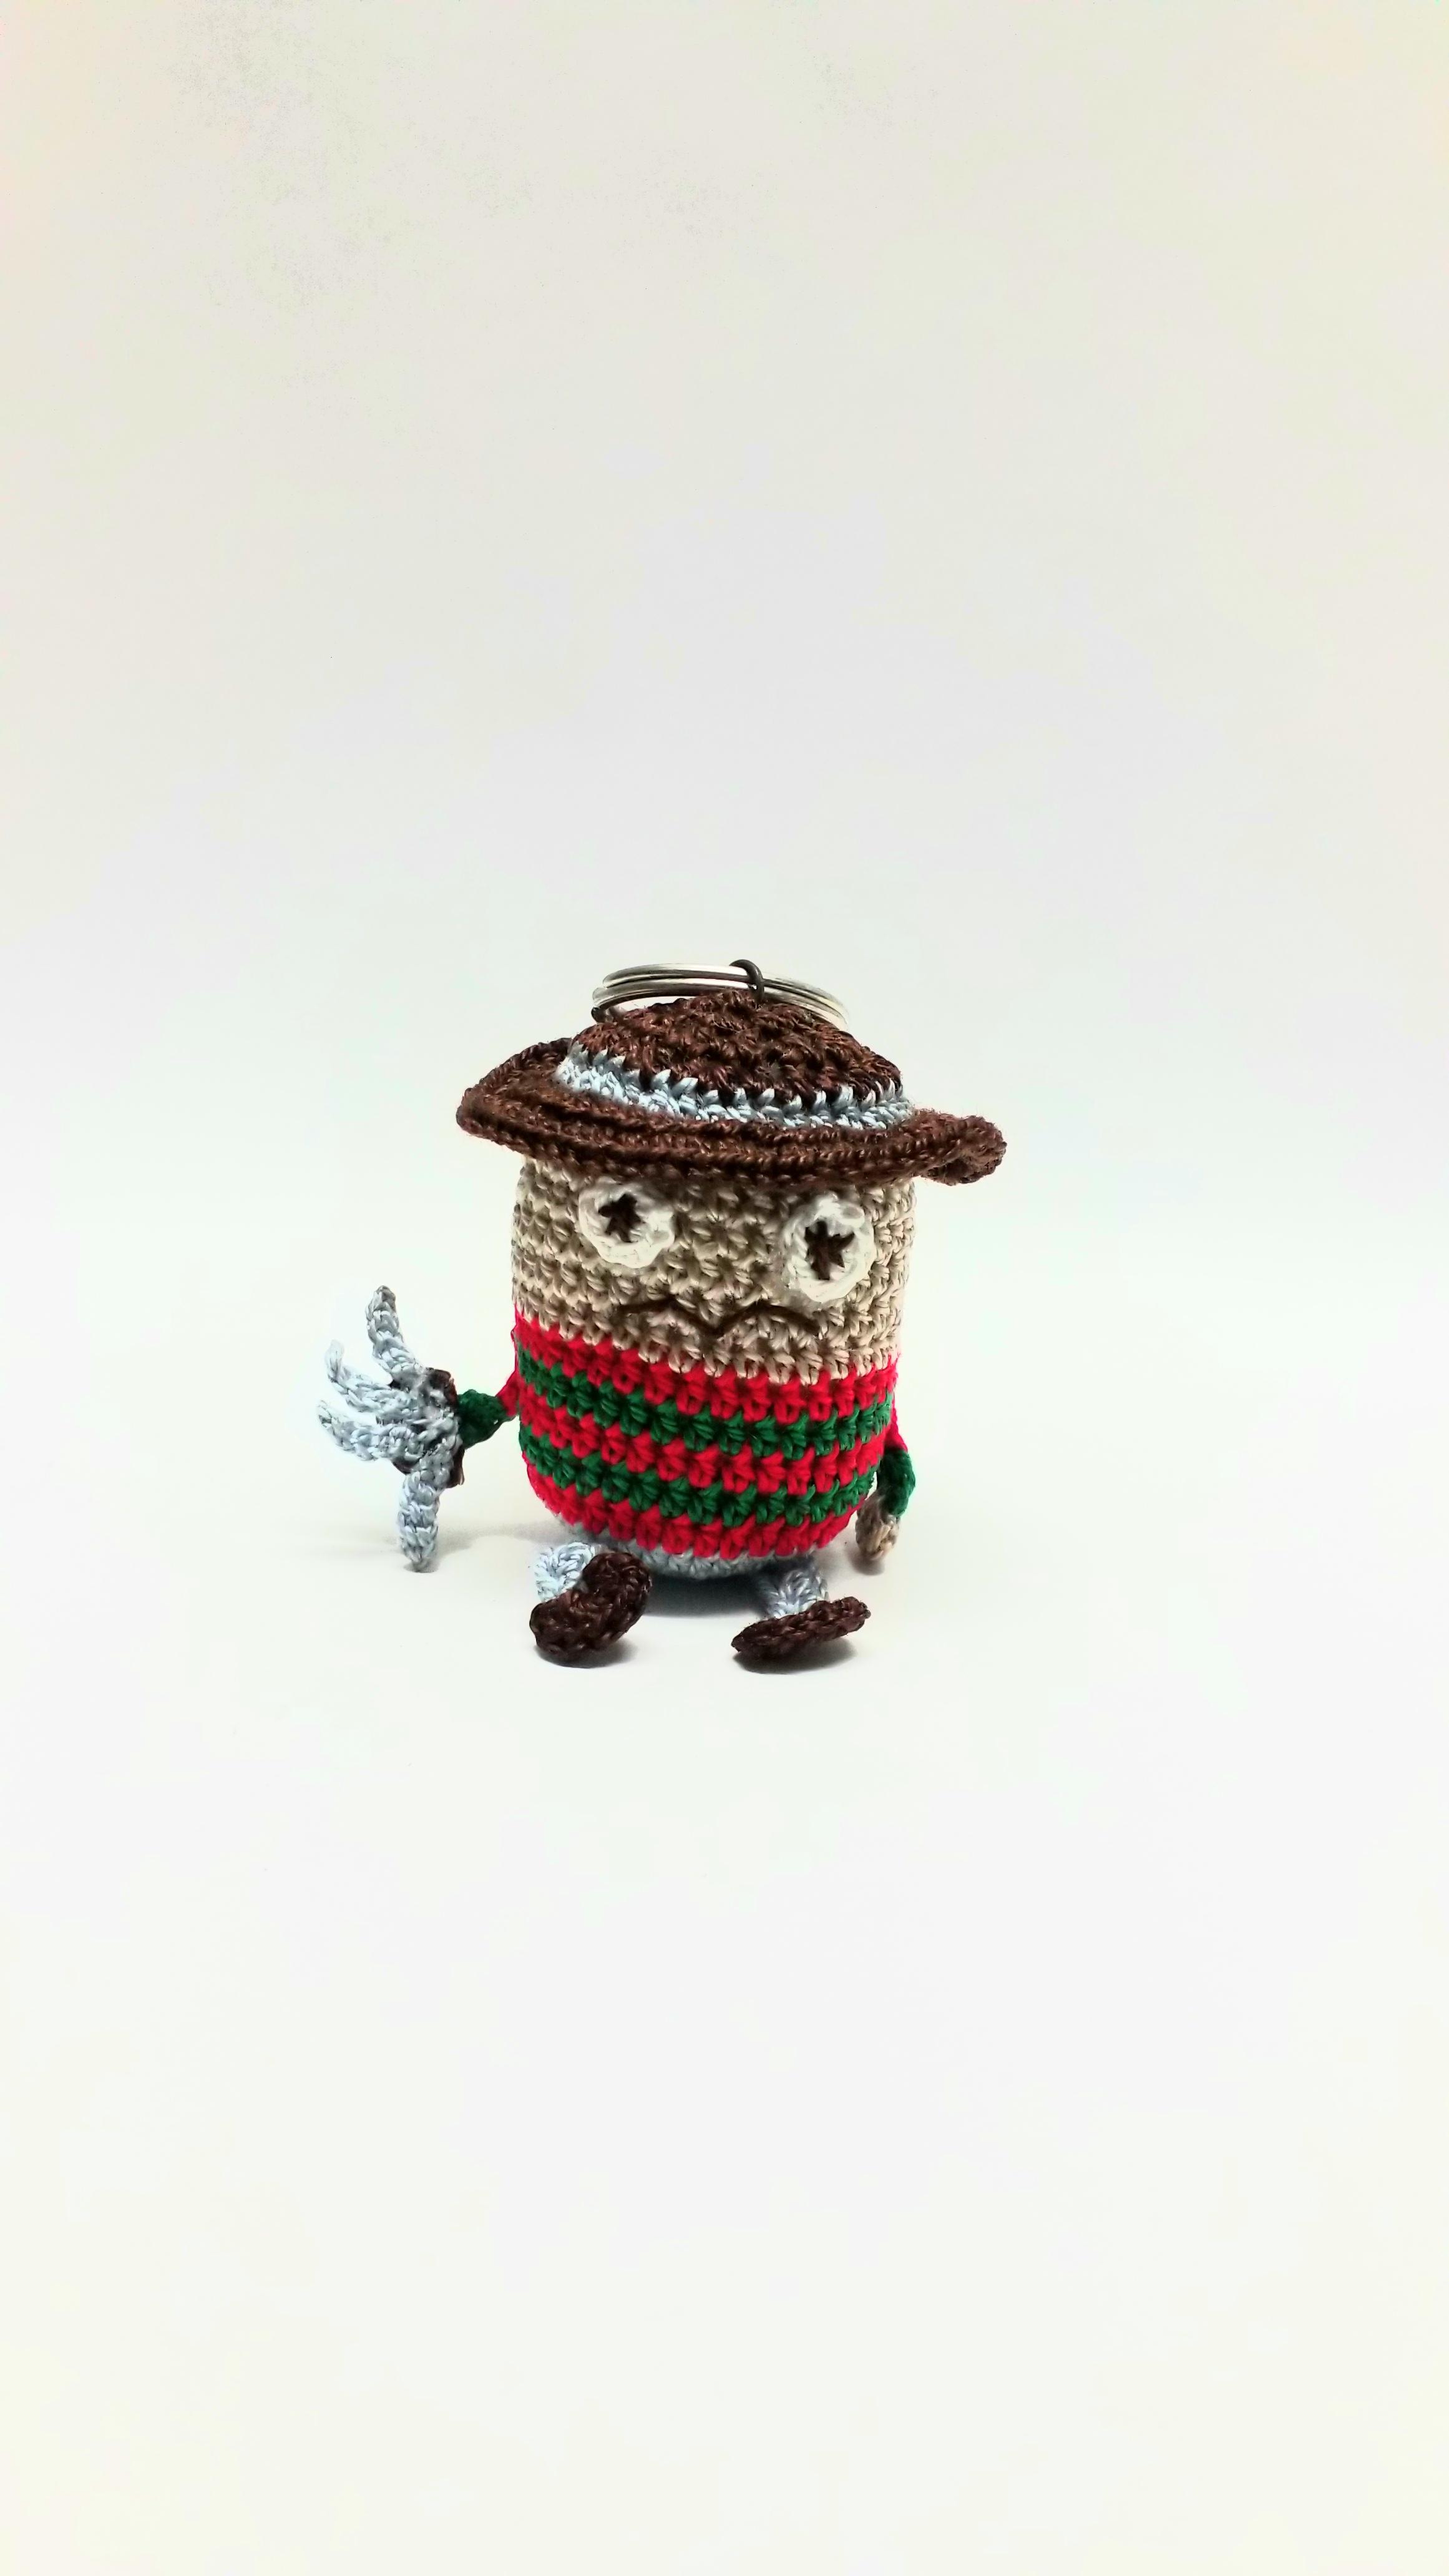 Llavero Perro Pug Amigurumi Tejido A Crochet Llavero - $ 220.00 en ... | 4128x2322